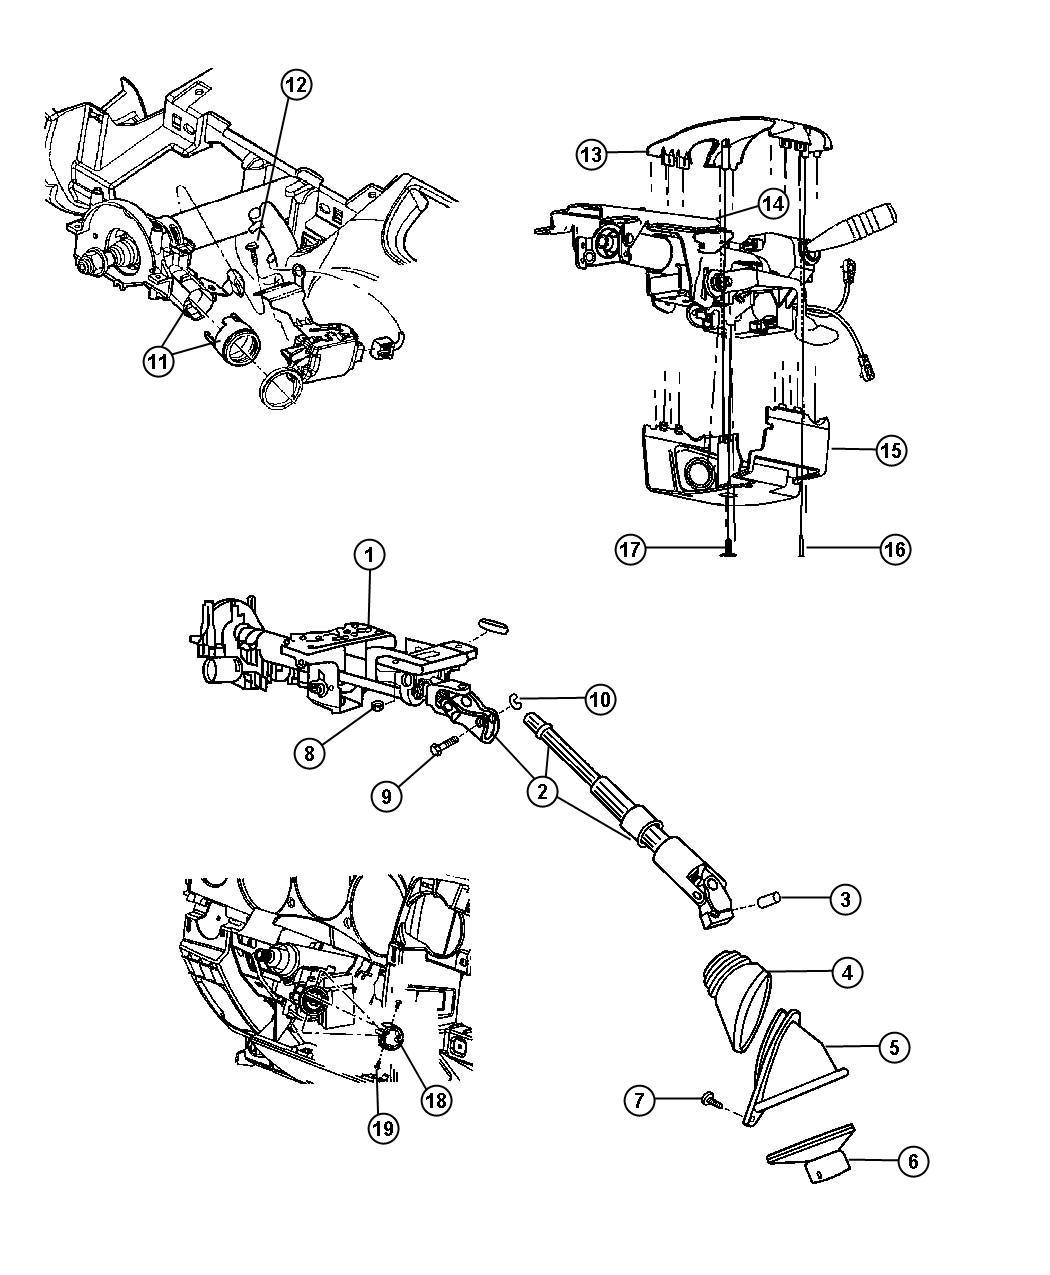 Chrysler Pt Cruiser Shroud Steering Column Lower